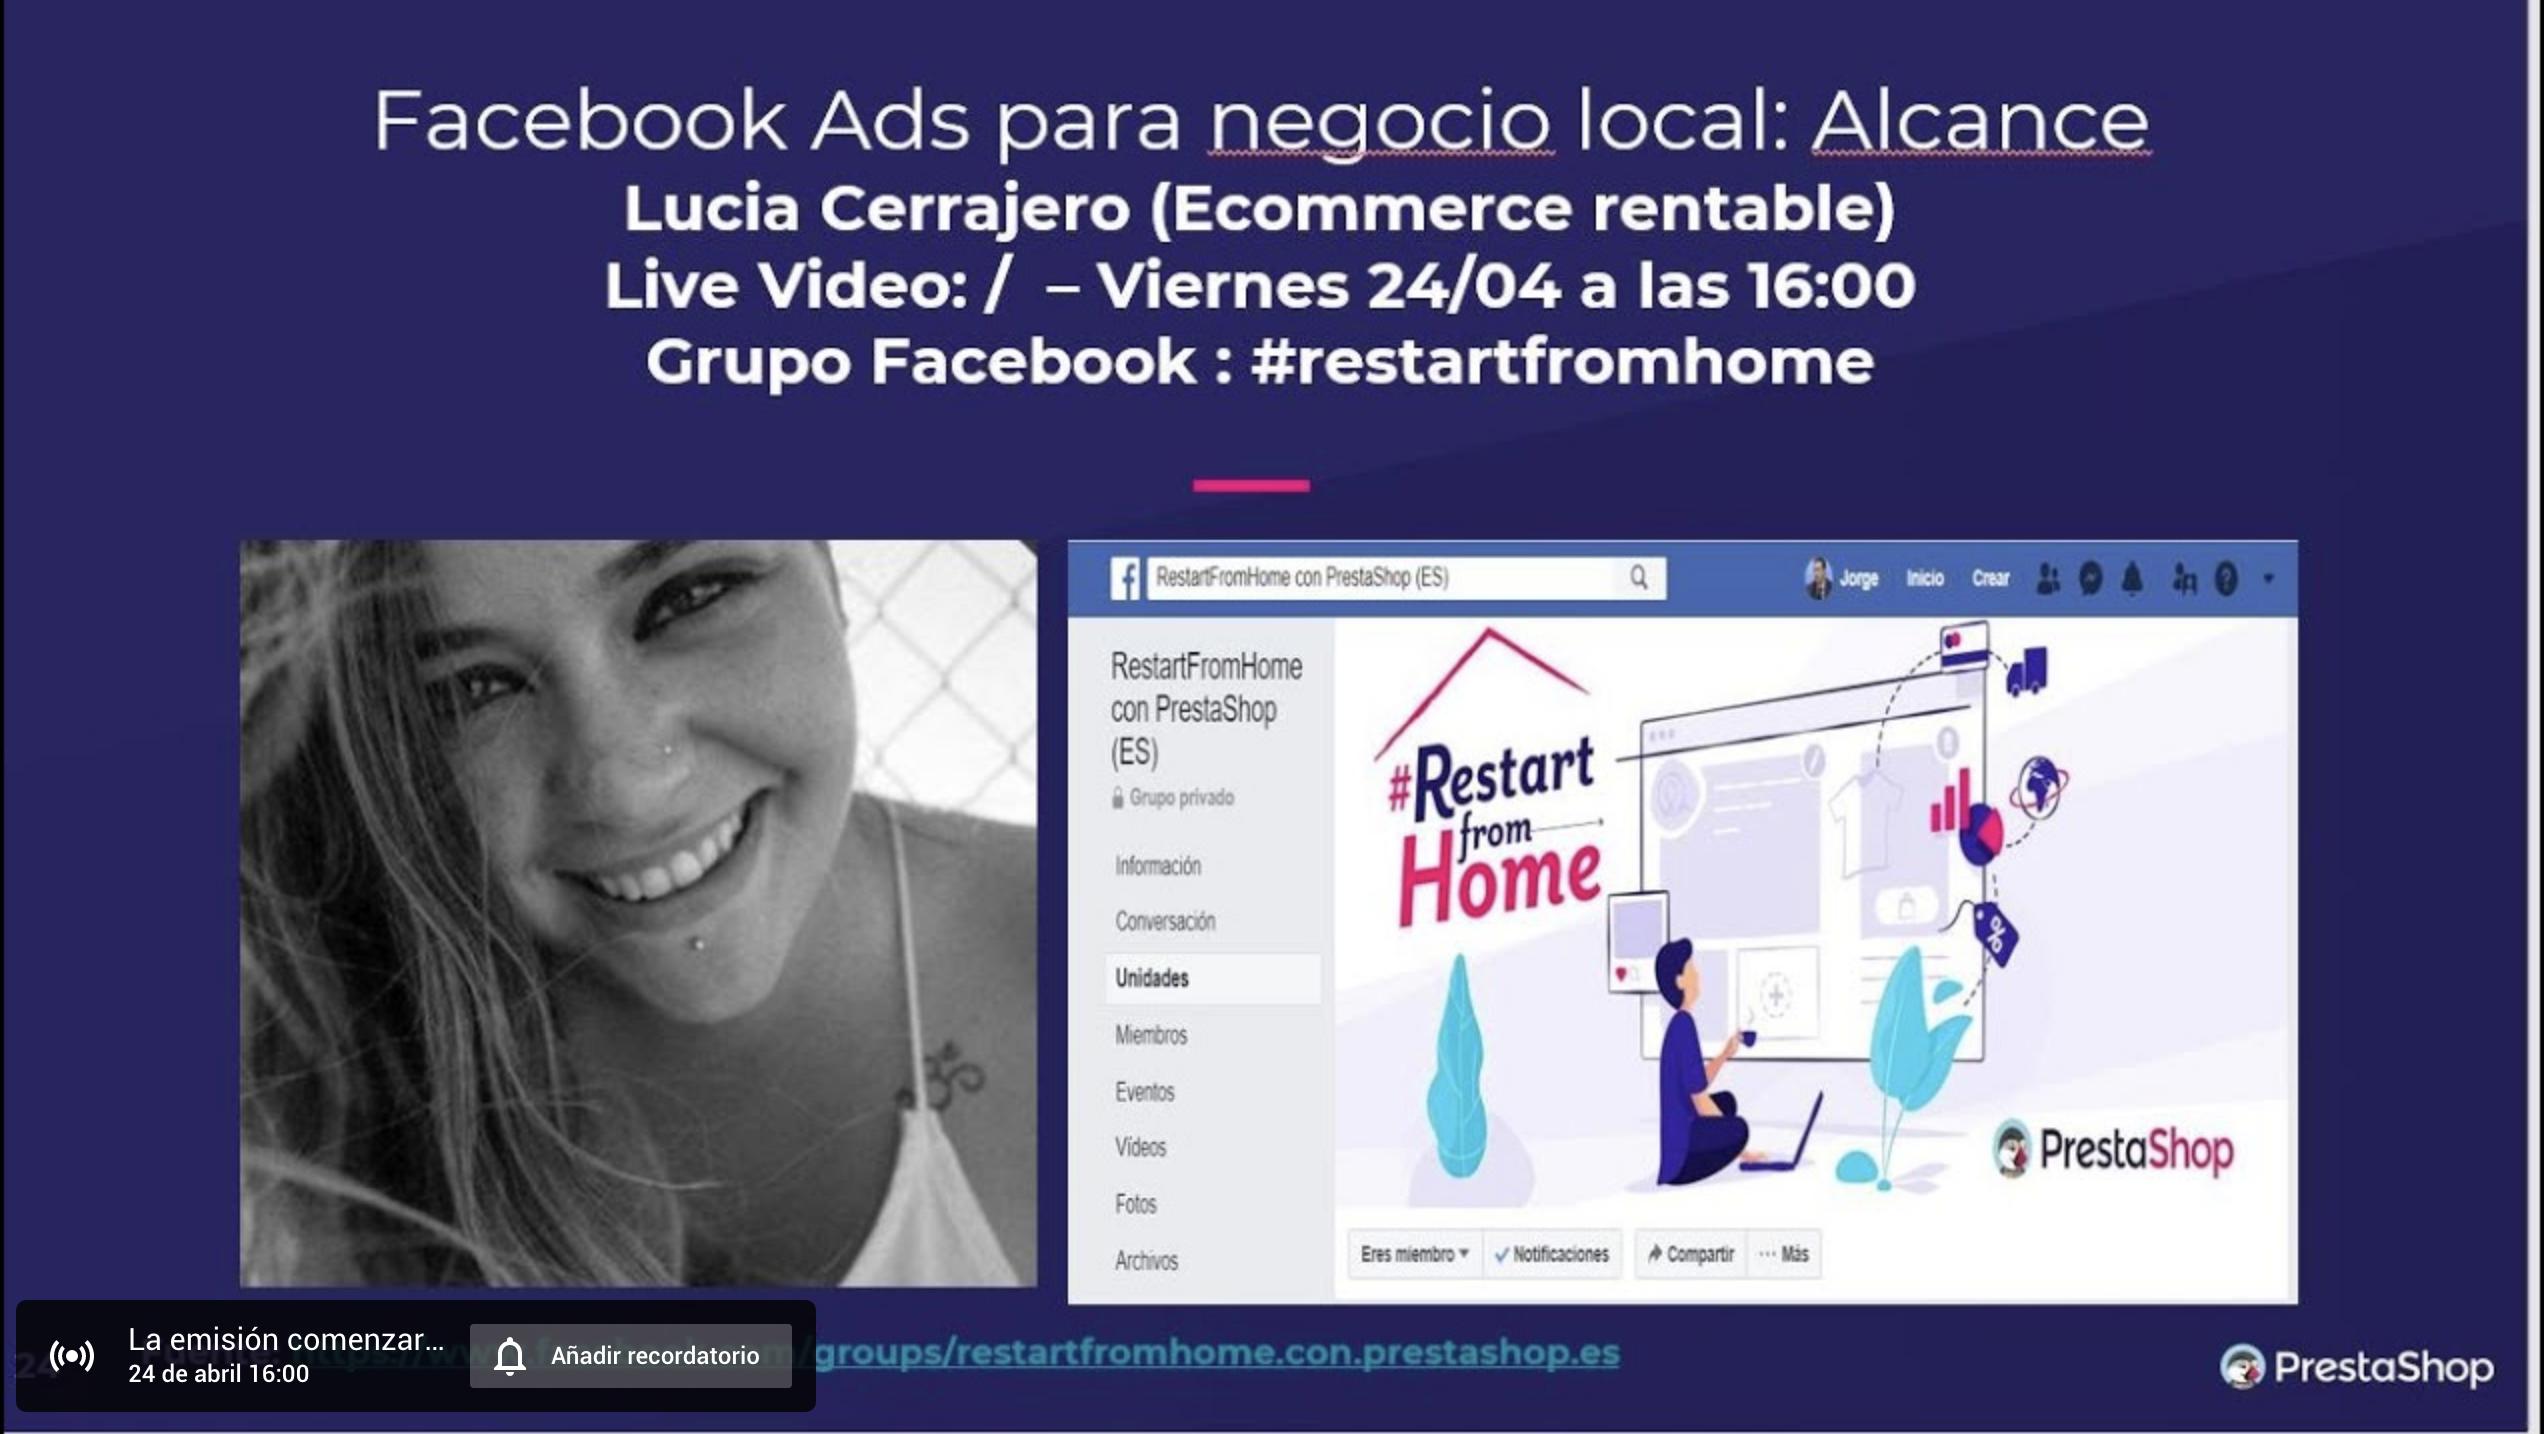 Facebook Ads para negocio local Lucía Cerrajero